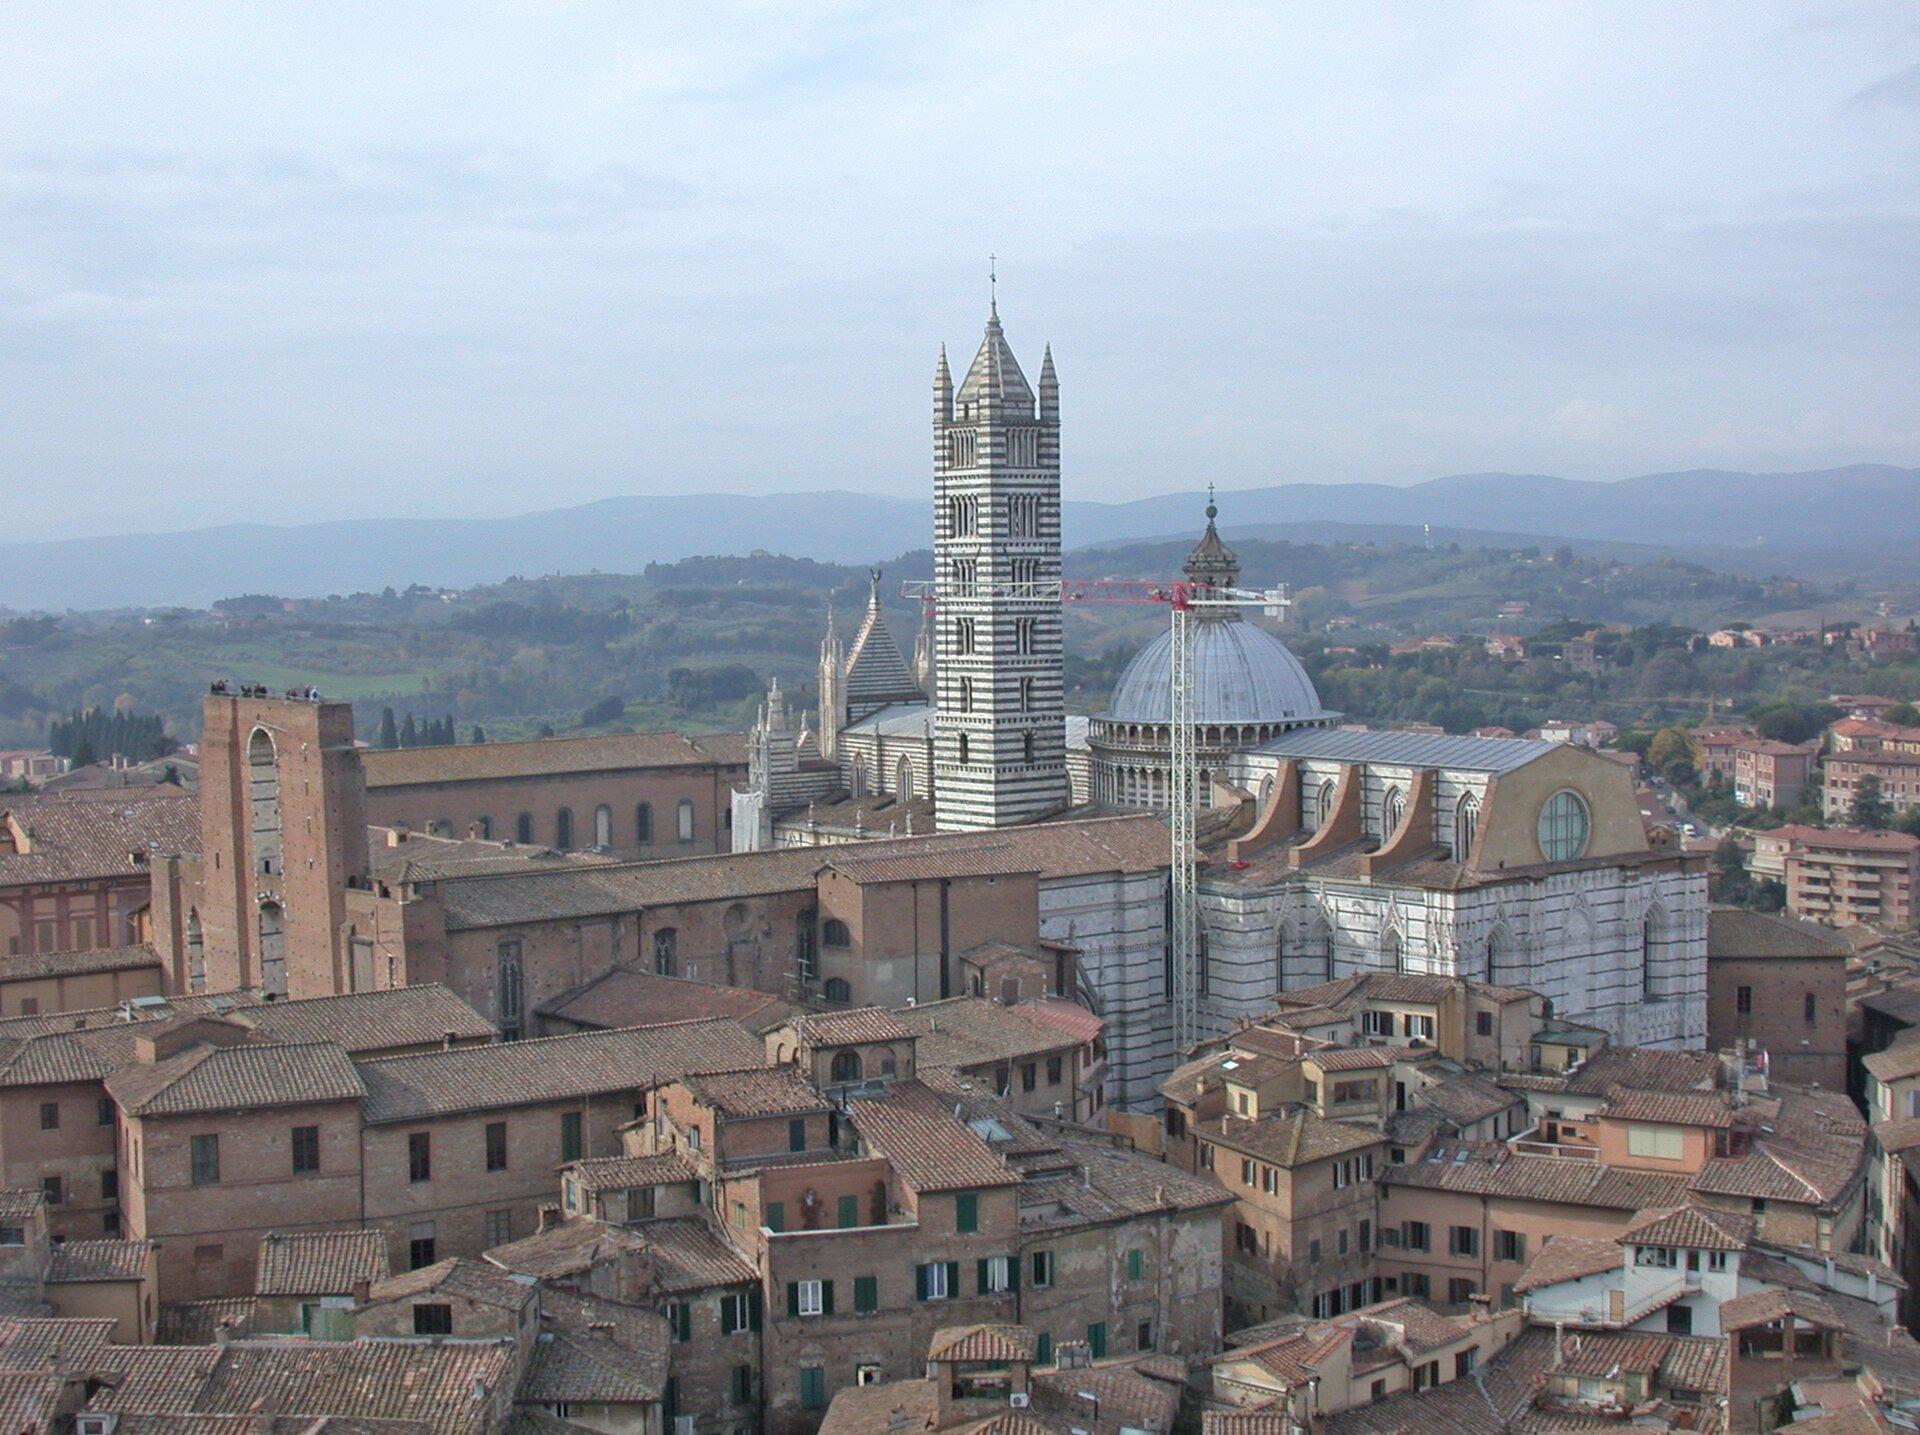 KatedrawSienie wzniesiona została wlatach 1229-1263. Nawa główna ma długość 89 miszerokość 24 m. Stojącą nieopodal dzwonnicę ukończono w1313 r. Miała wysokość 77 m. Budowę kopuły owysokości całkowitej 48 mrazem ztzw. latarnią (nadbudówka nad kopułą) rozpoczęto w1263 r., aukończono w1385 r. (latarnię dopiero w1667 r.).W1339 r. rozpoczęto wielką rozbudowę, wktórej istniejąca katedra miała stać się jedynie nawą poprzeczną przyszłej monumentalnej budowli (jej wymiary to 50 mdługości i30 mszerokości). Czarna śmierć iwywołany przez nią kryzys spowodowały przerwanie prac w1357 r.; resztki zamierzenia widać do dzisiaj. KatedrawSienie wzniesiona została wlatach 1229-1263. Nawa główna ma długość 89 miszerokość 24 m. Stojącą nieopodal dzwonnicę ukończono w1313 r. Miała wysokość 77 m. Budowę kopuły owysokości całkowitej 48 mrazem ztzw. latarnią (nadbudówka nad kopułą) rozpoczęto w1263 r., aukończono w1385 r. (latarnię dopiero w1667 r.).W1339 r. rozpoczęto wielką rozbudowę, wktórej istniejąca katedra miała stać się jedynie nawą poprzeczną przyszłej monumentalnej budowli (jej wymiary to 50 mdługości i30 mszerokości). Czarna śmierć iwywołany przez nią kryzys spowodowały przerwanie prac w1357 r.; resztki zamierzenia widać do dzisiaj. Źródło: MM, domena publiczna.